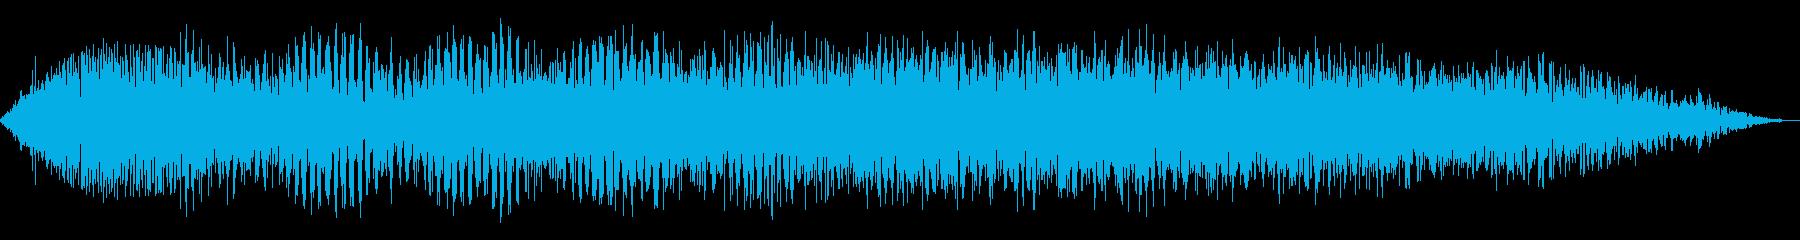 データ過負荷1の再生済みの波形